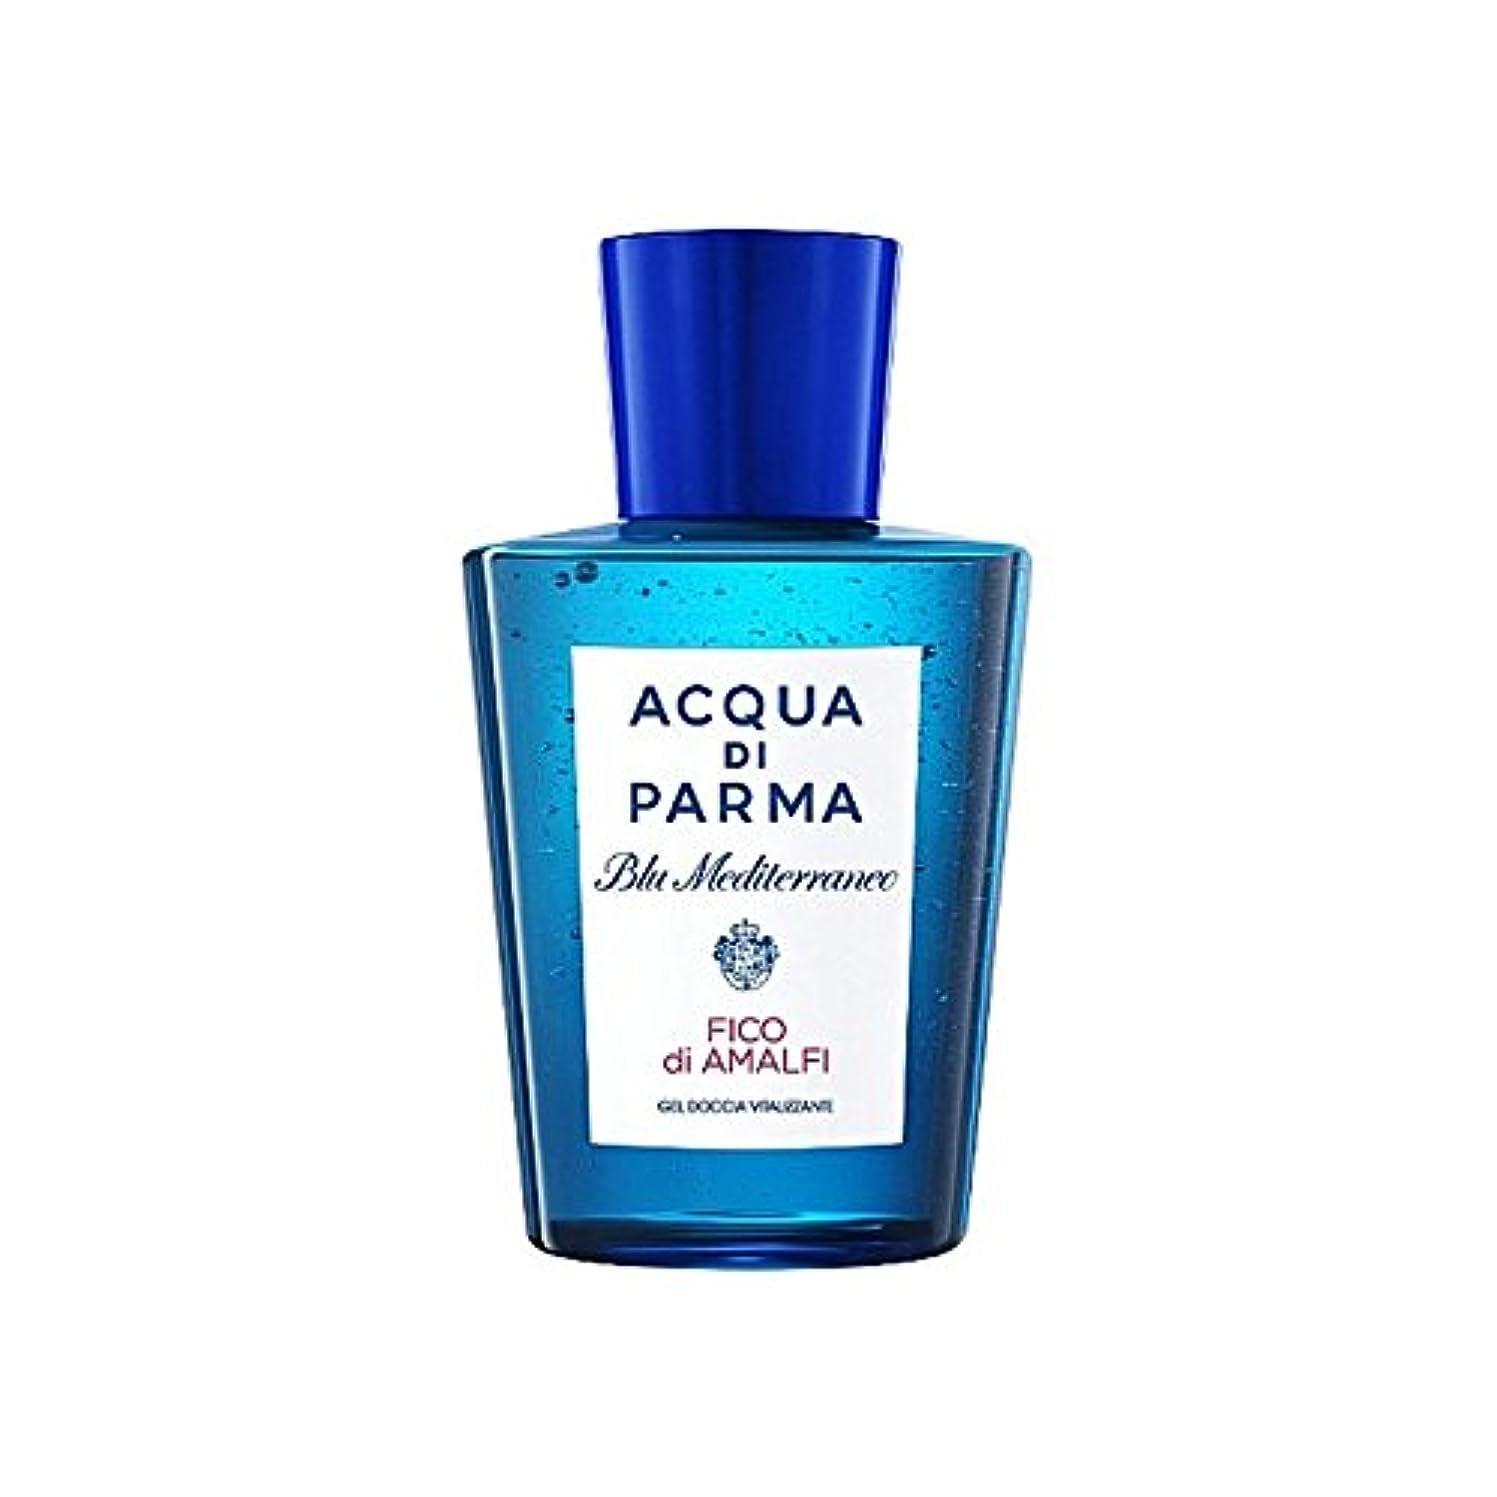 気になる家禽モスAcqua Di Parma Blu Mediterraneo Fico Di Amalfi Shower Gel 200ml - アクアディパルマブルーメディジアマルフィシャワージェル200 [並行輸入品]